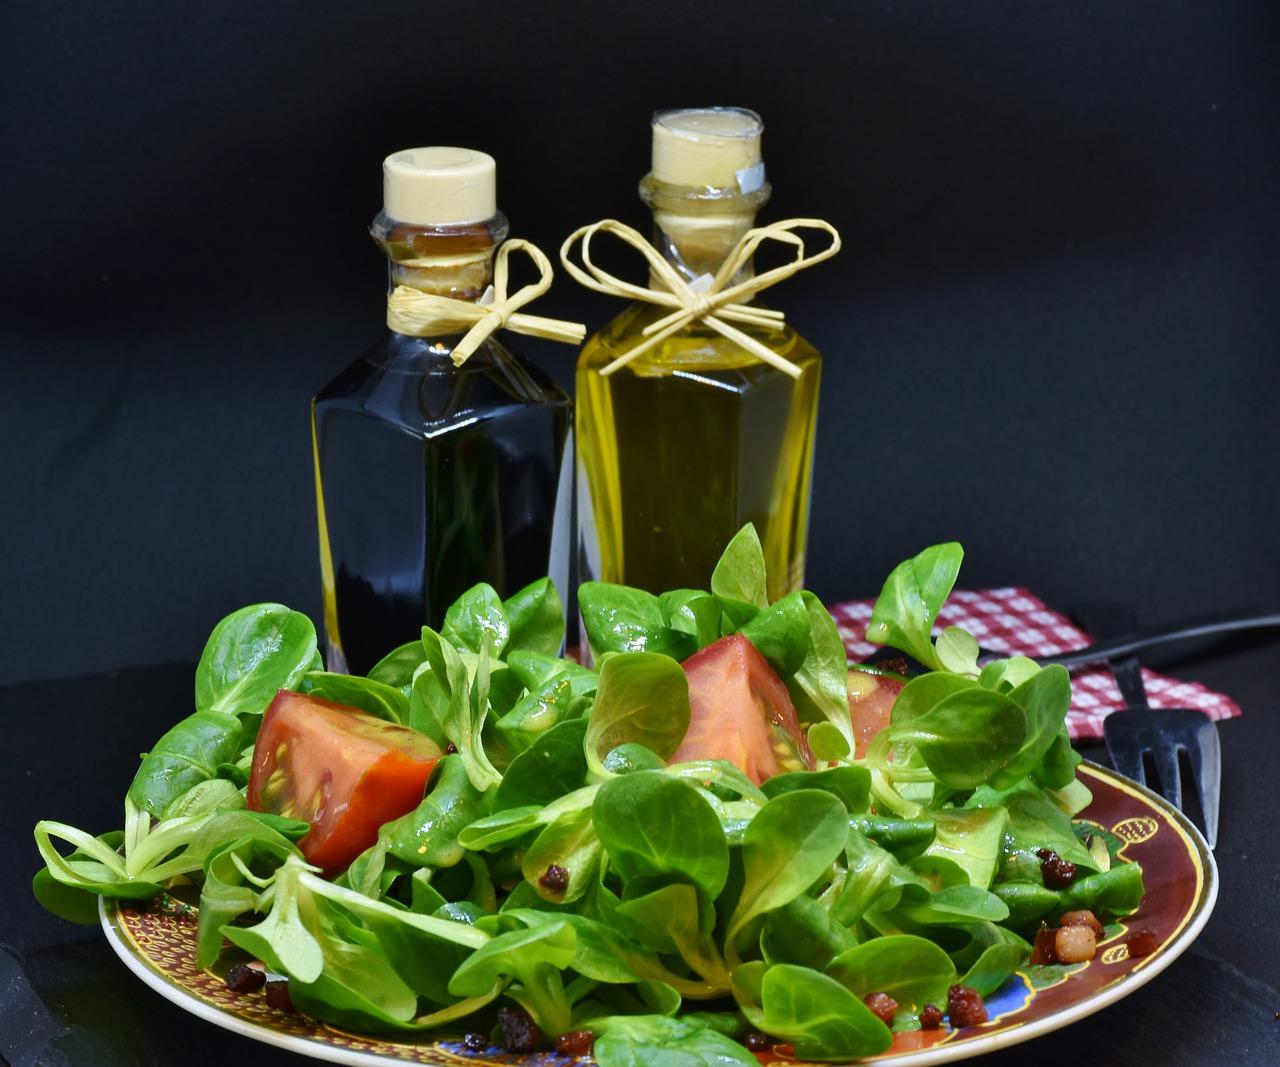 酢のドレッシングはオリーブオイルが合う⁈豆乳、レモン、醤油など、割合を知れば簡単手作でダイエットにも◎!